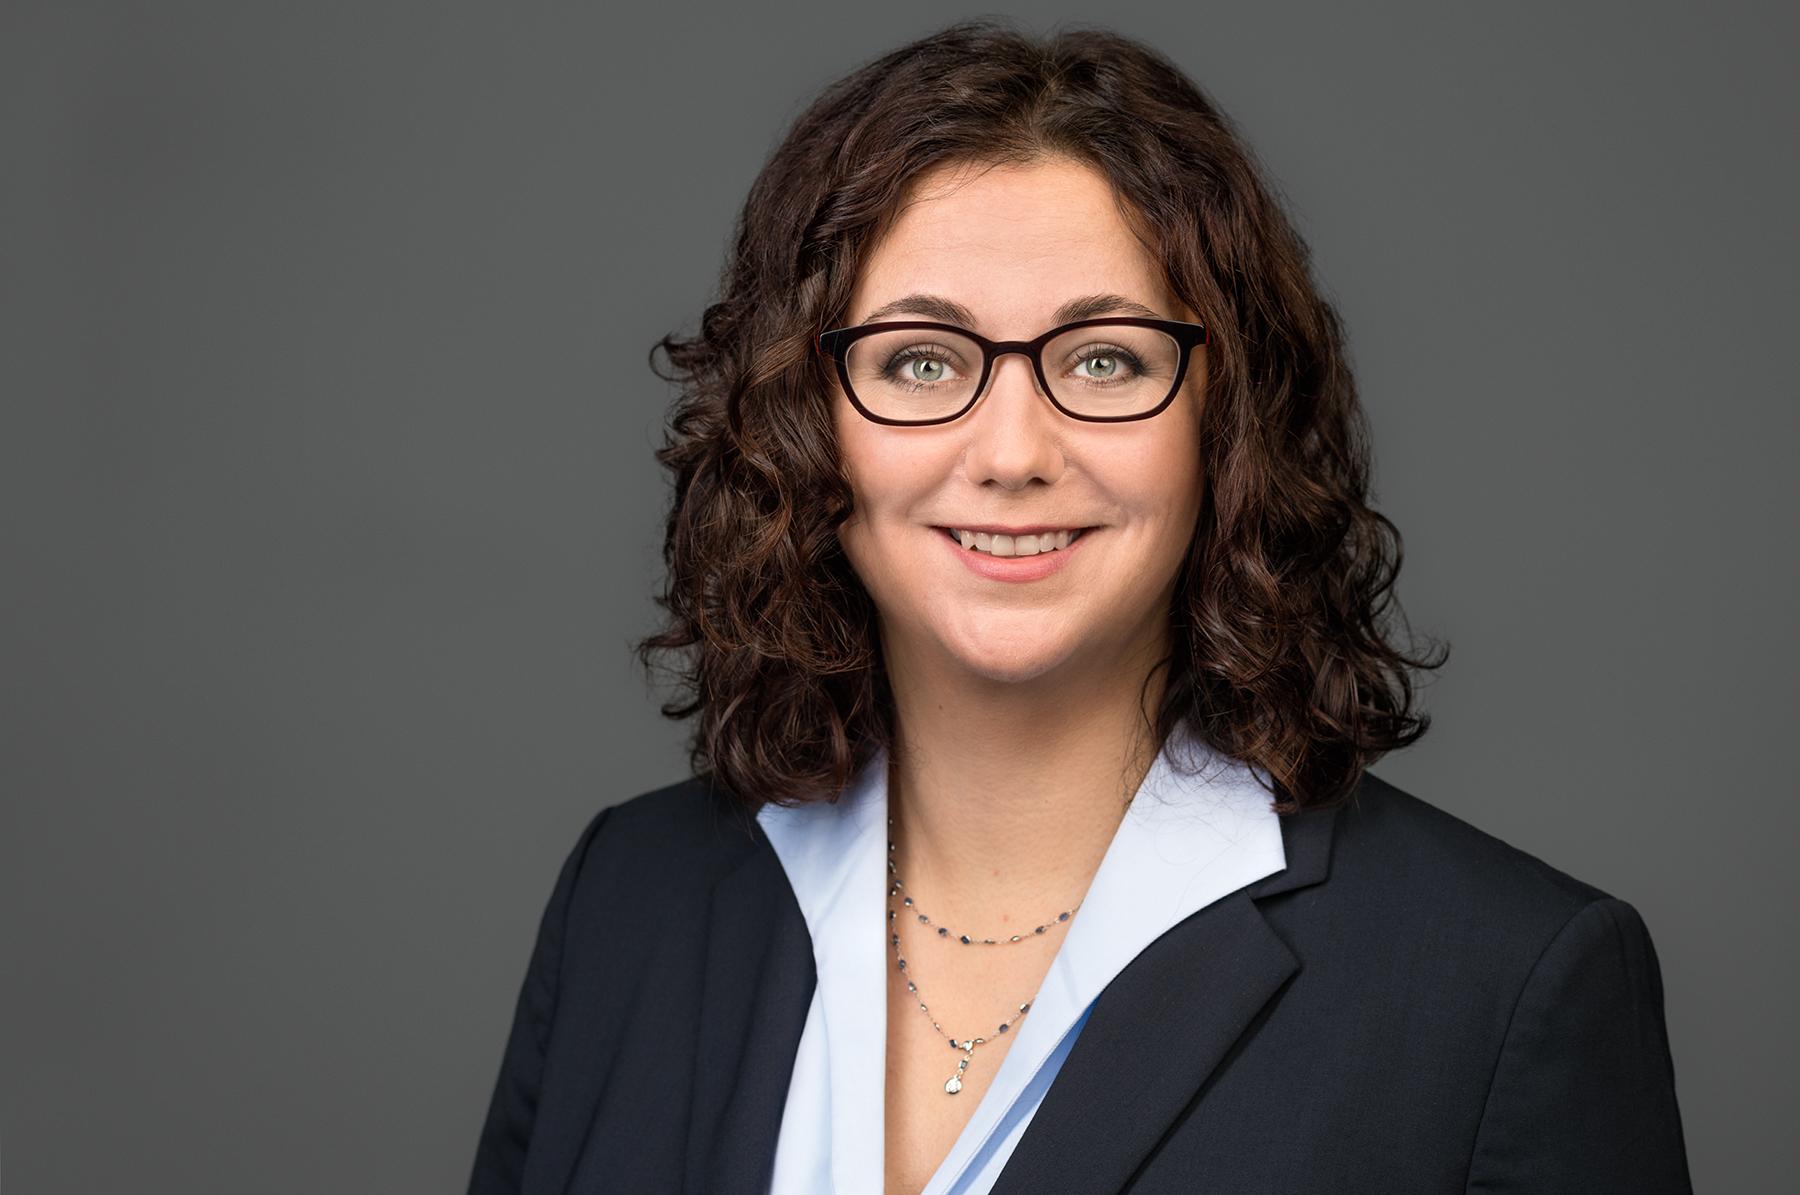 Prof. Dr. Maria Wersig